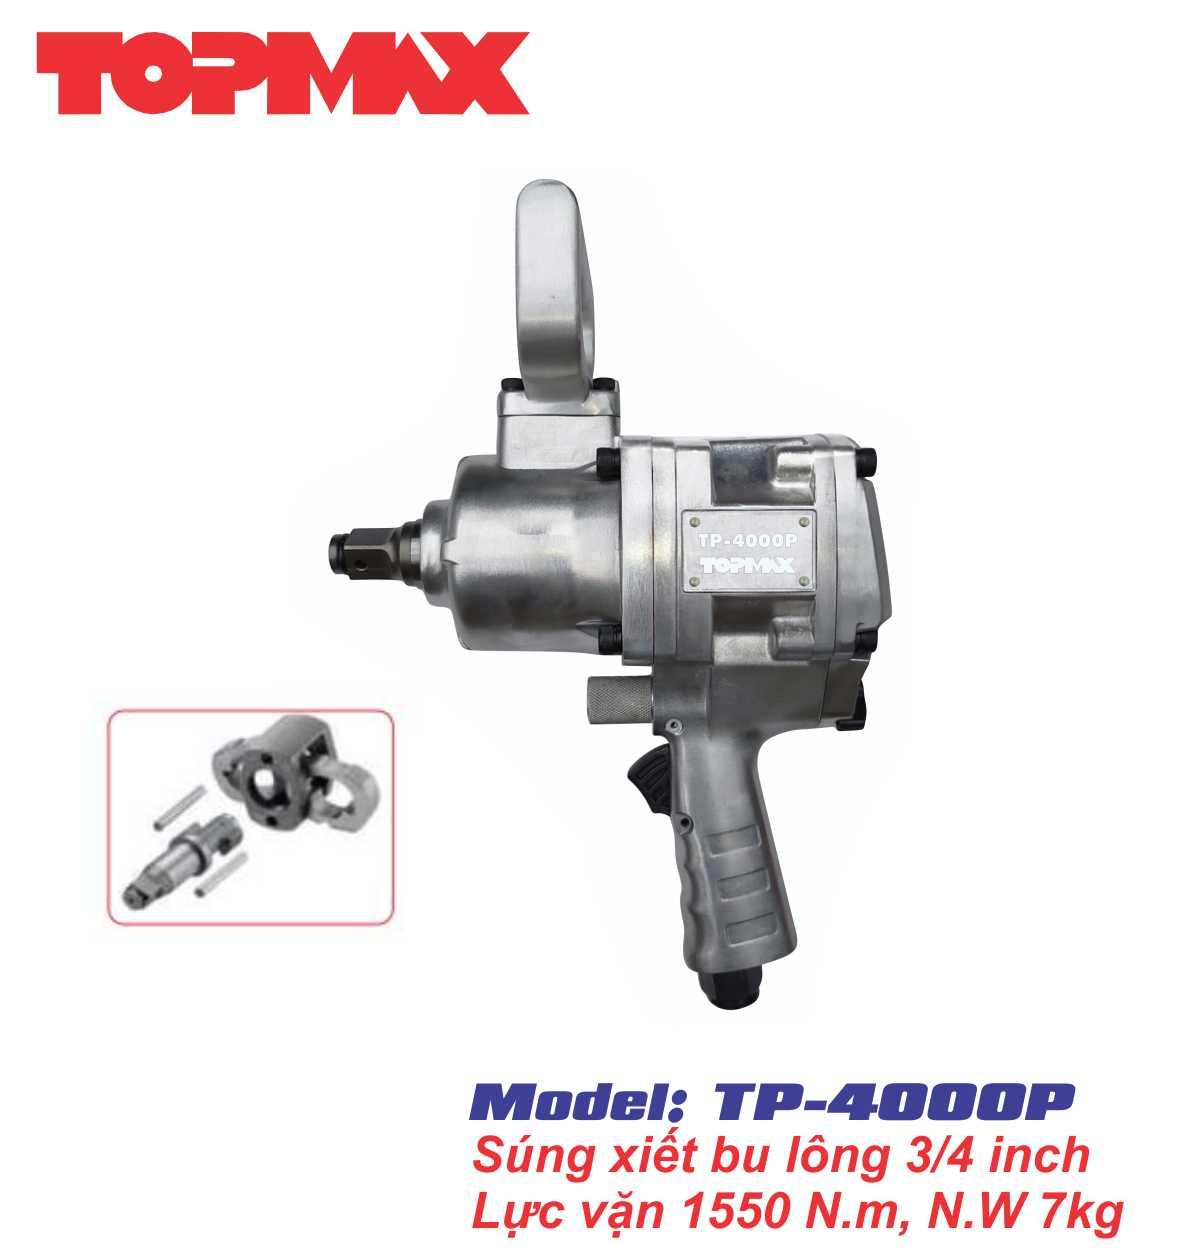 Súng xiết bu-long 3/4 inch TP-4000P